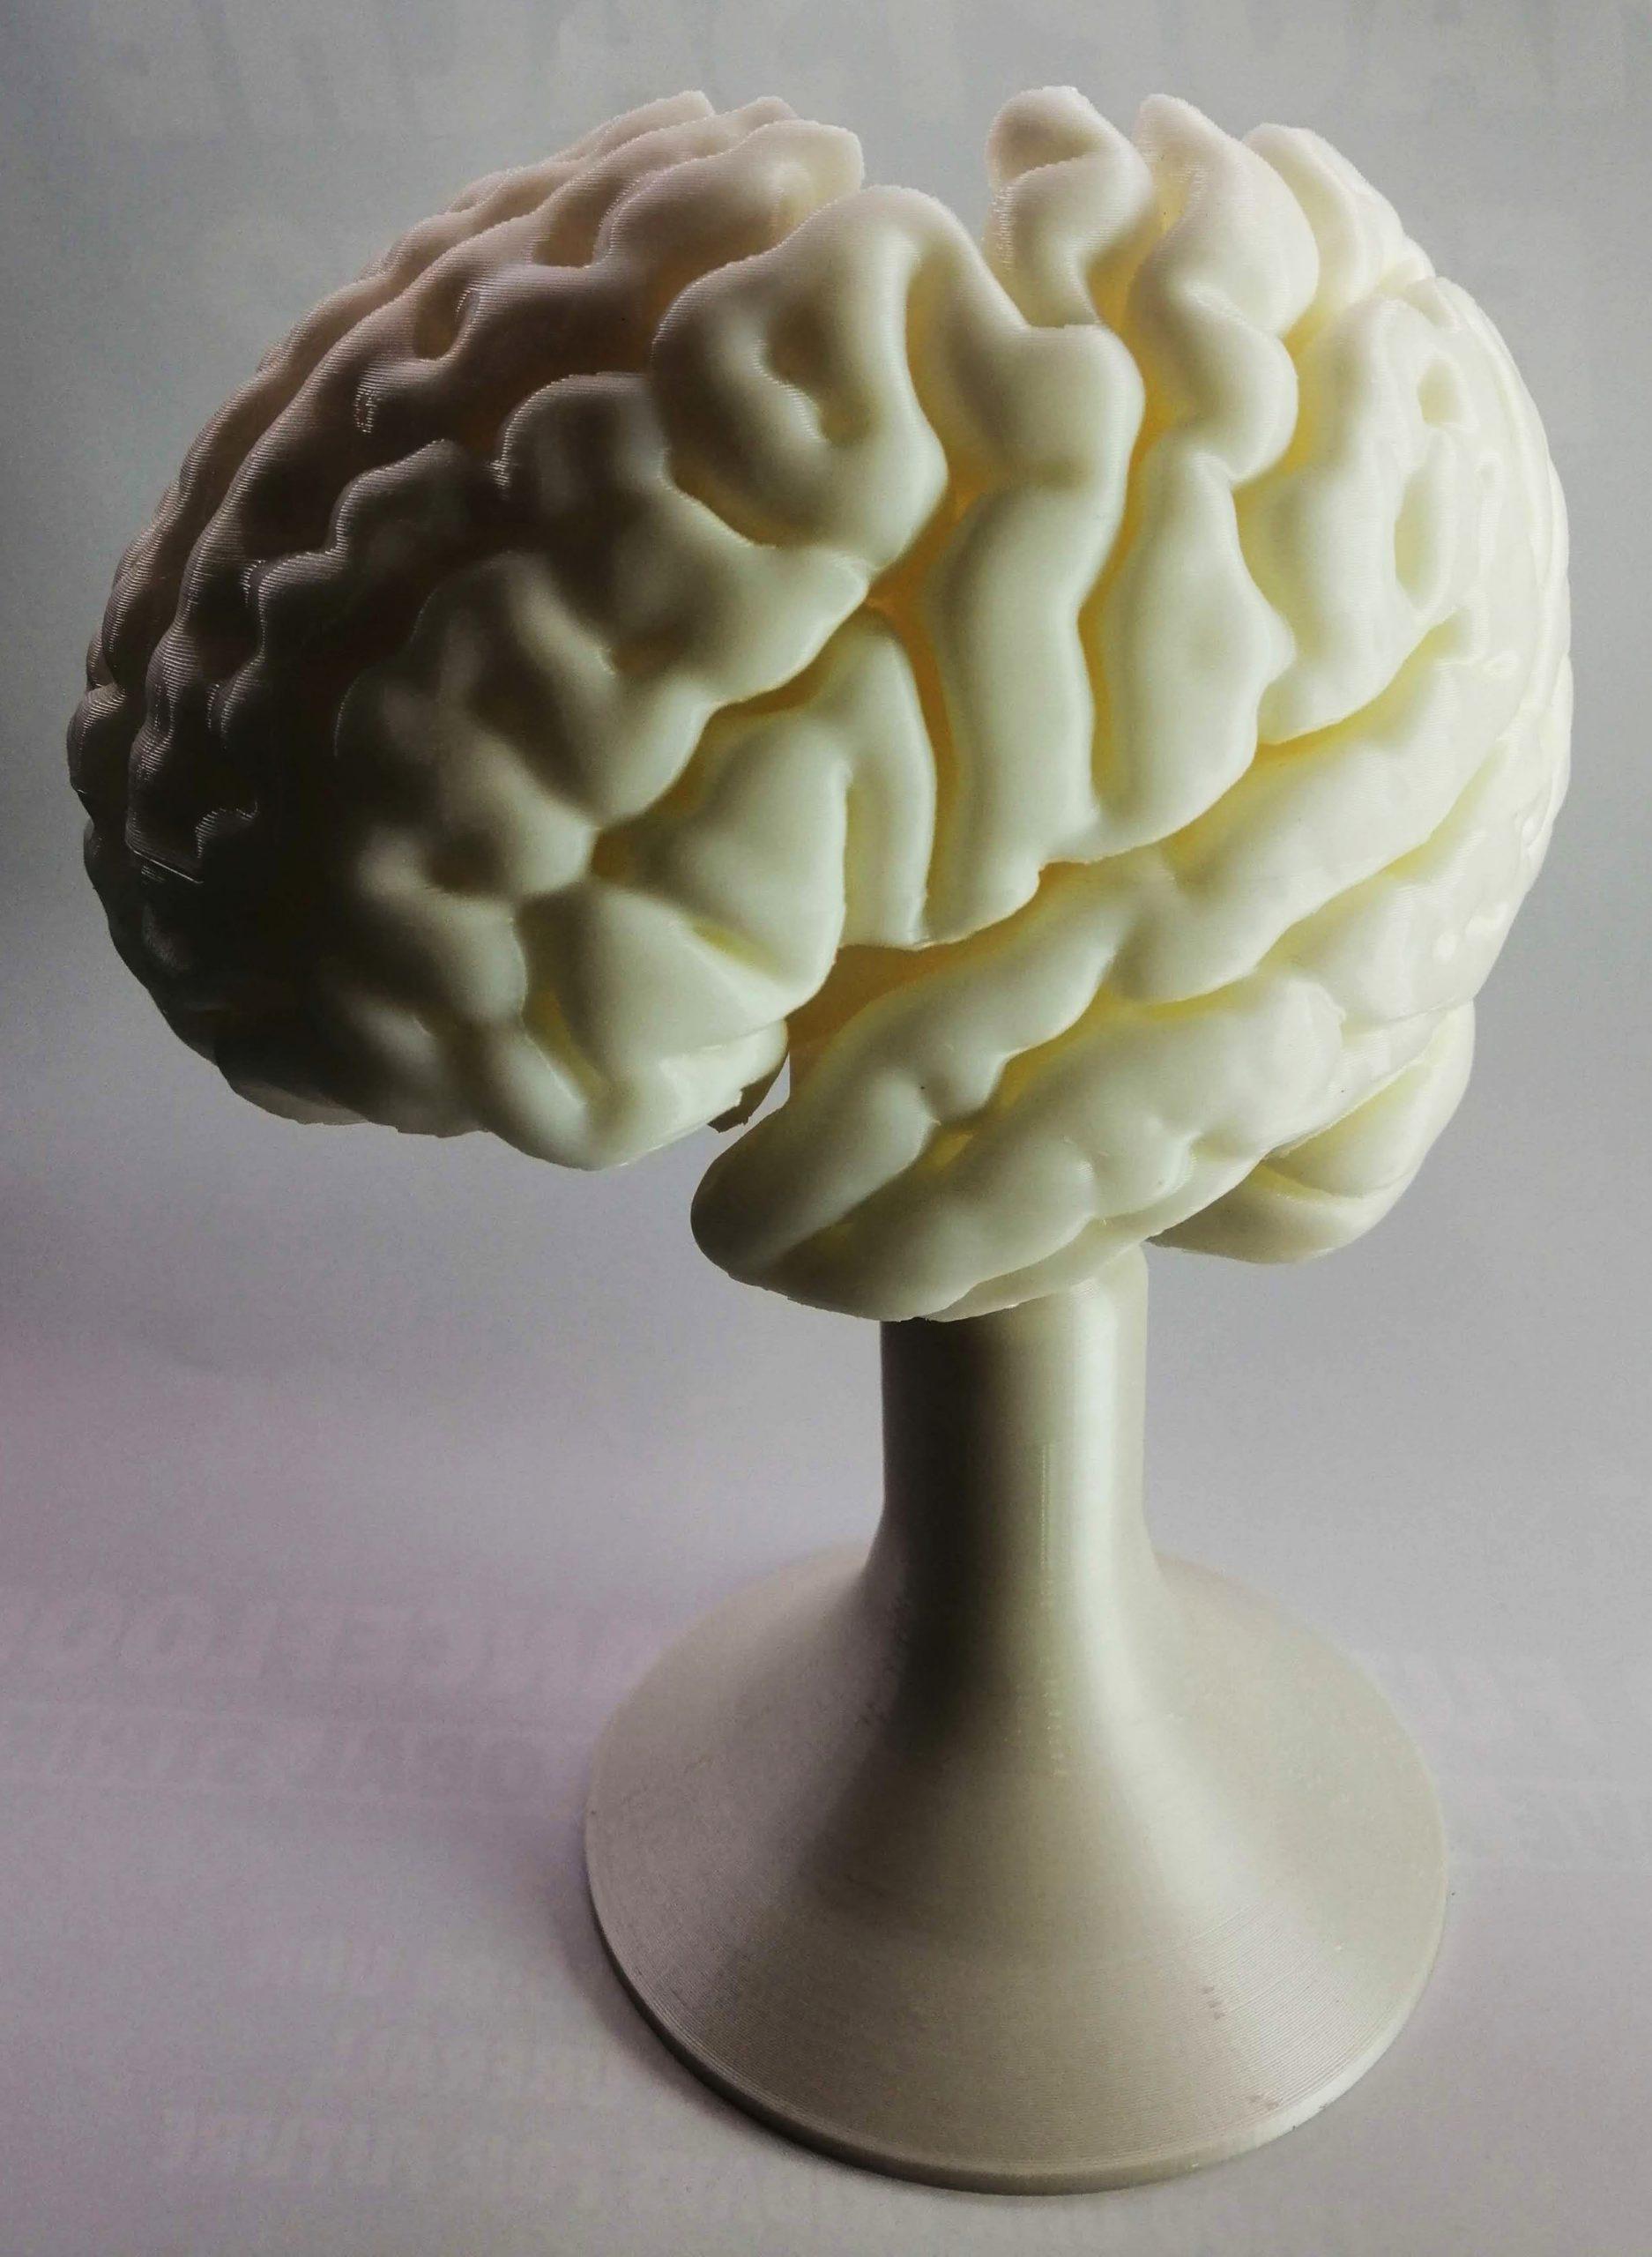 3D-Druck-Projekt Charité Gehirn